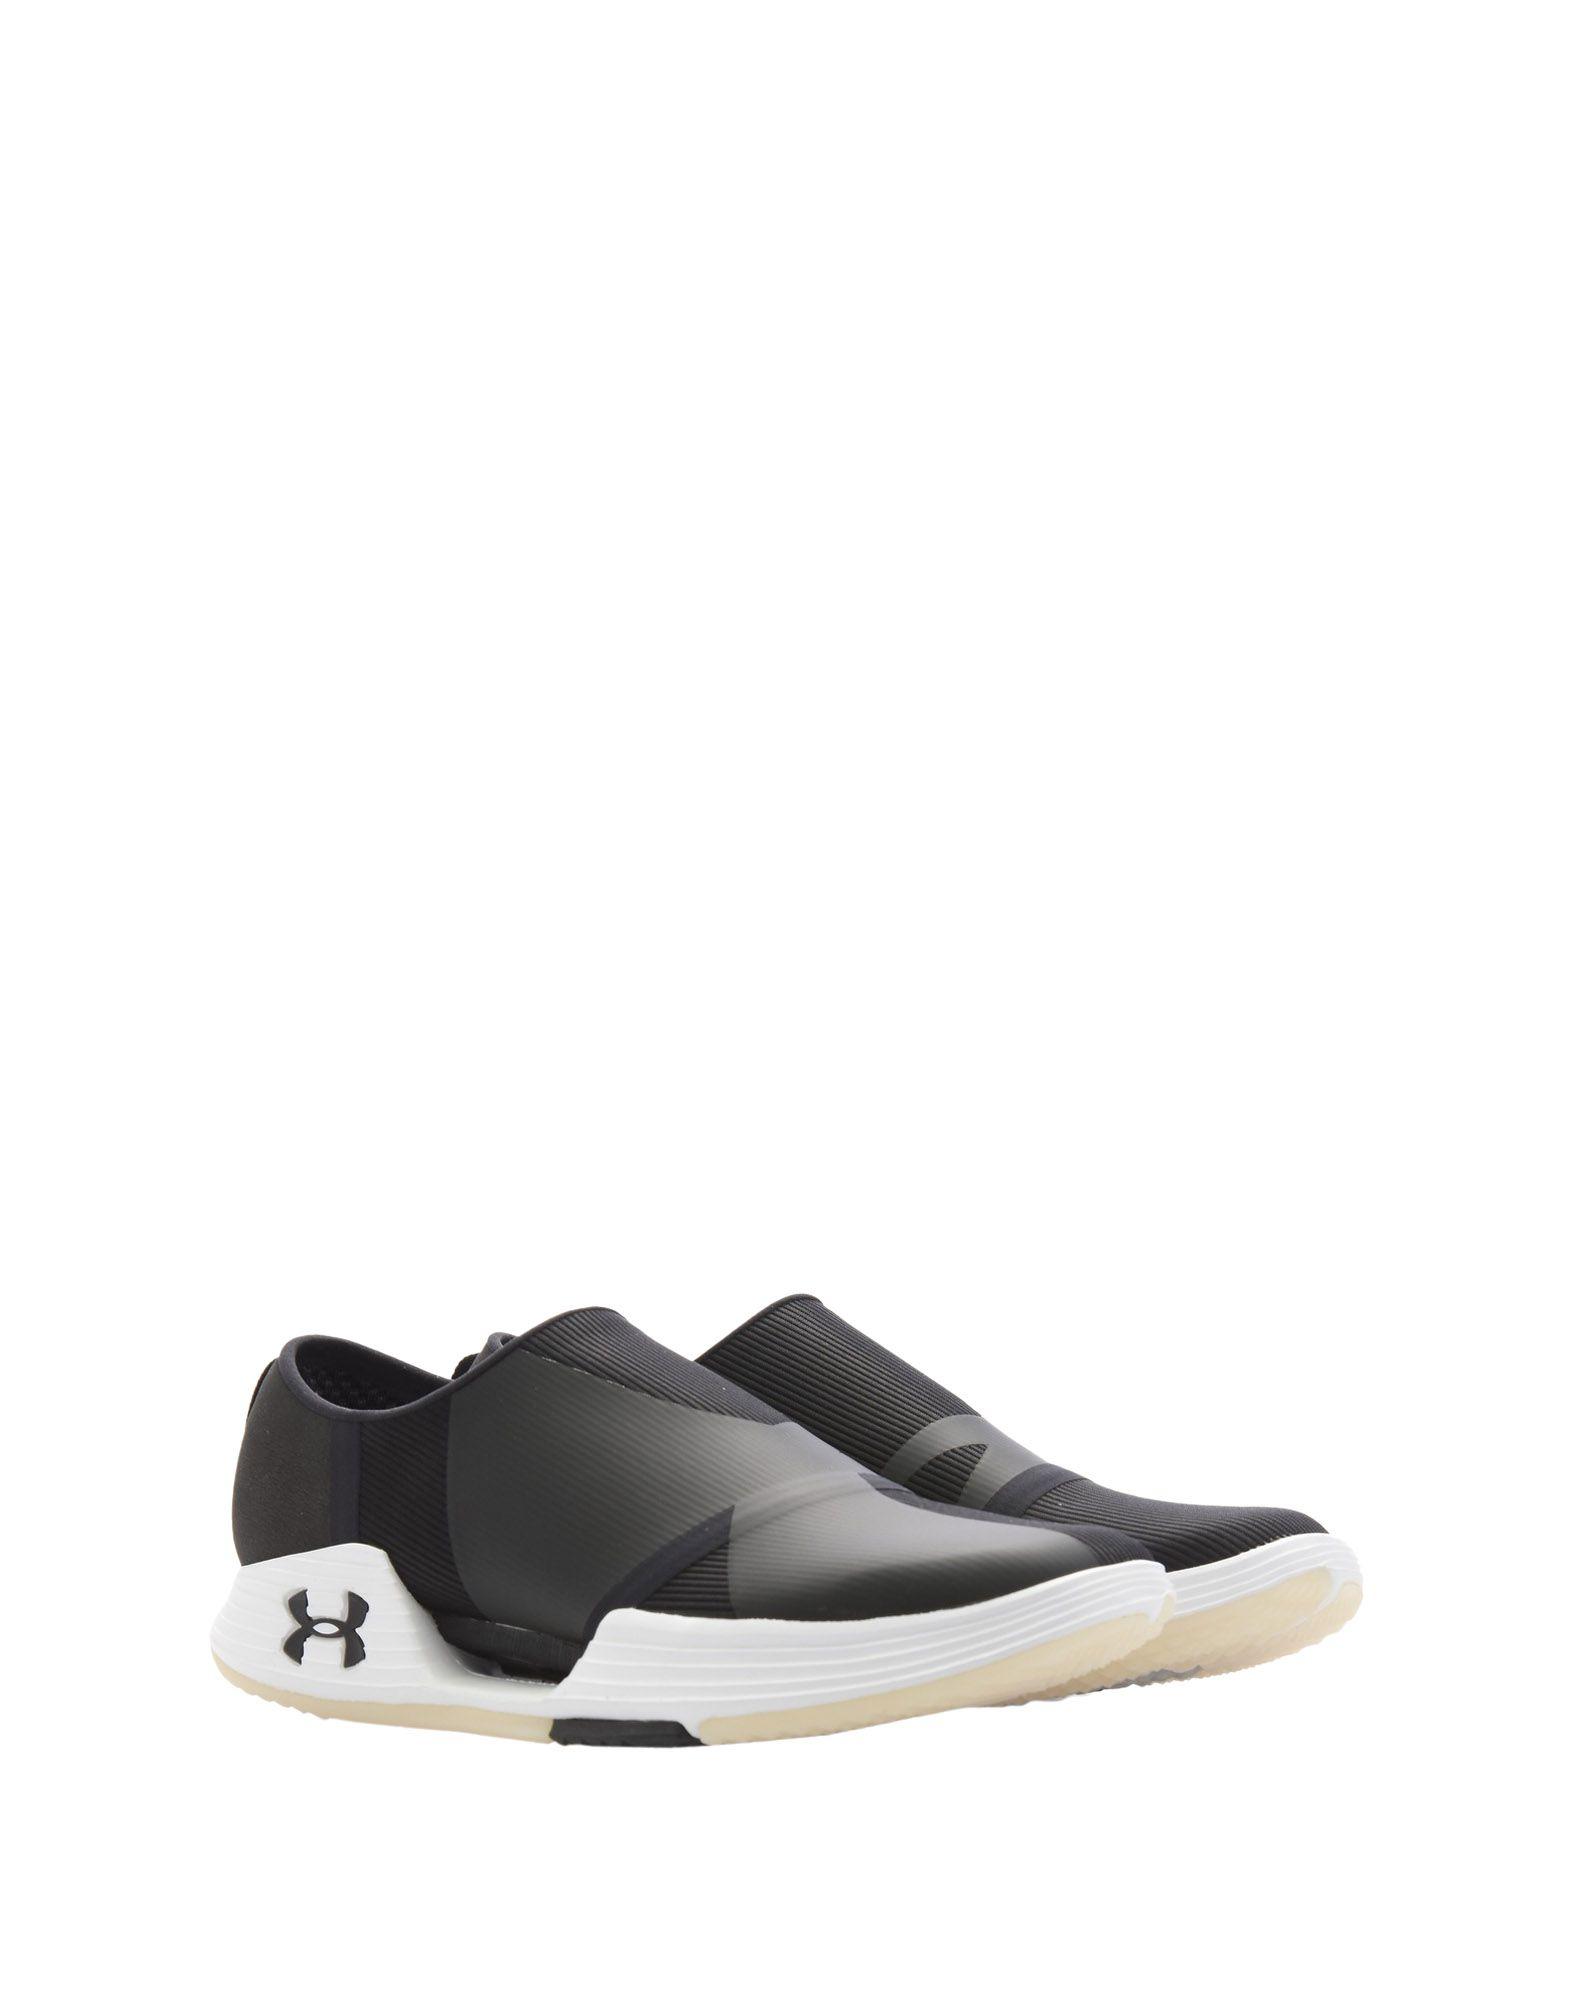 Gut tragenUnder um billige Schuhe zu tragenUnder Gut Armour Ua W Speedform Amp 2.0 Slip  11458220ML 0c2cfc